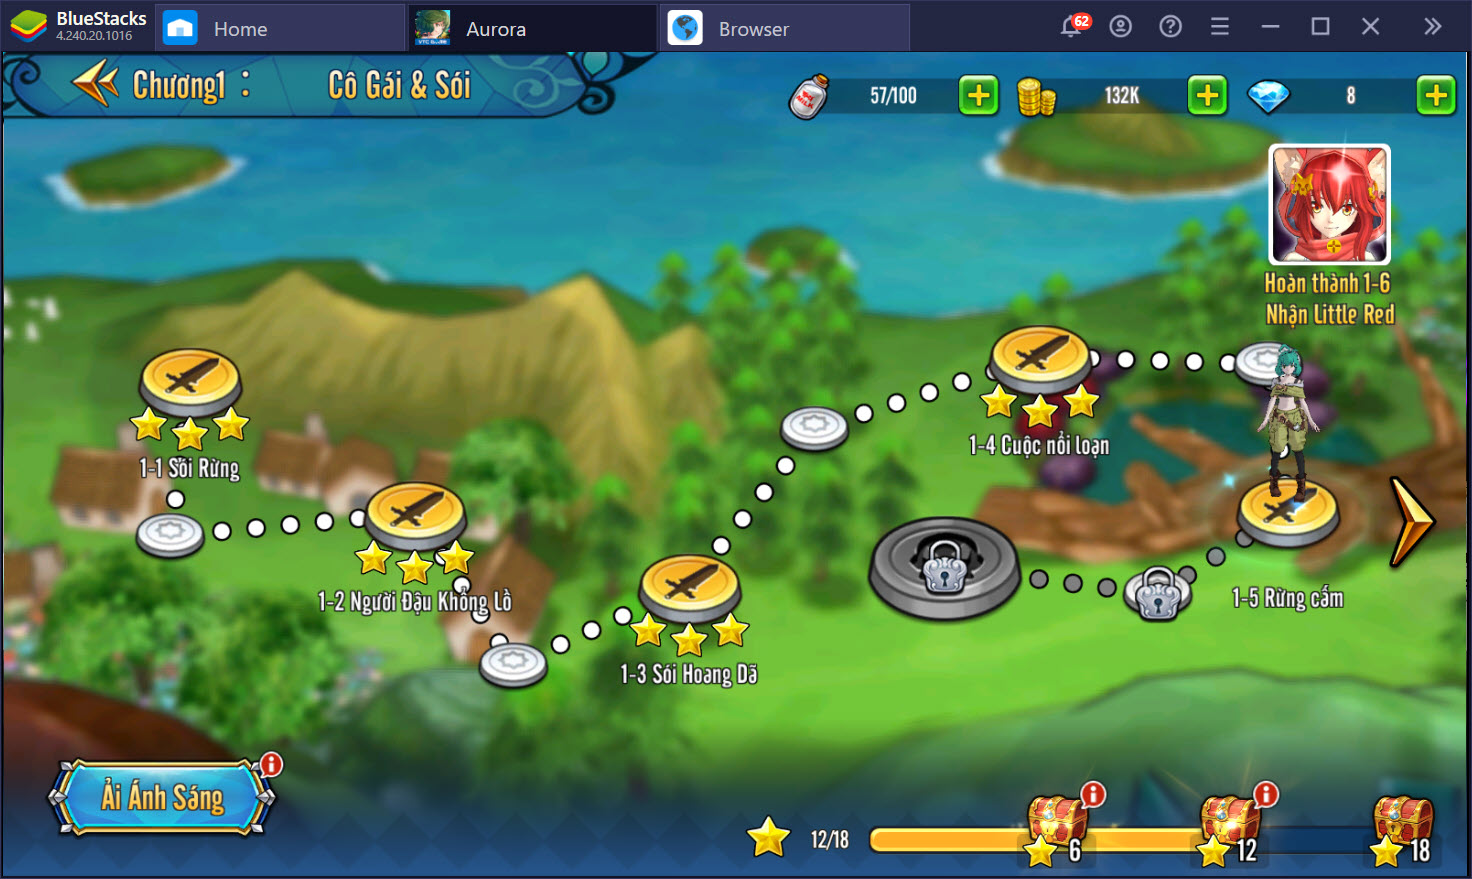 Cách chơi cơ bản dành cho tân thủ Aurora – Vùng đất huyền thoại